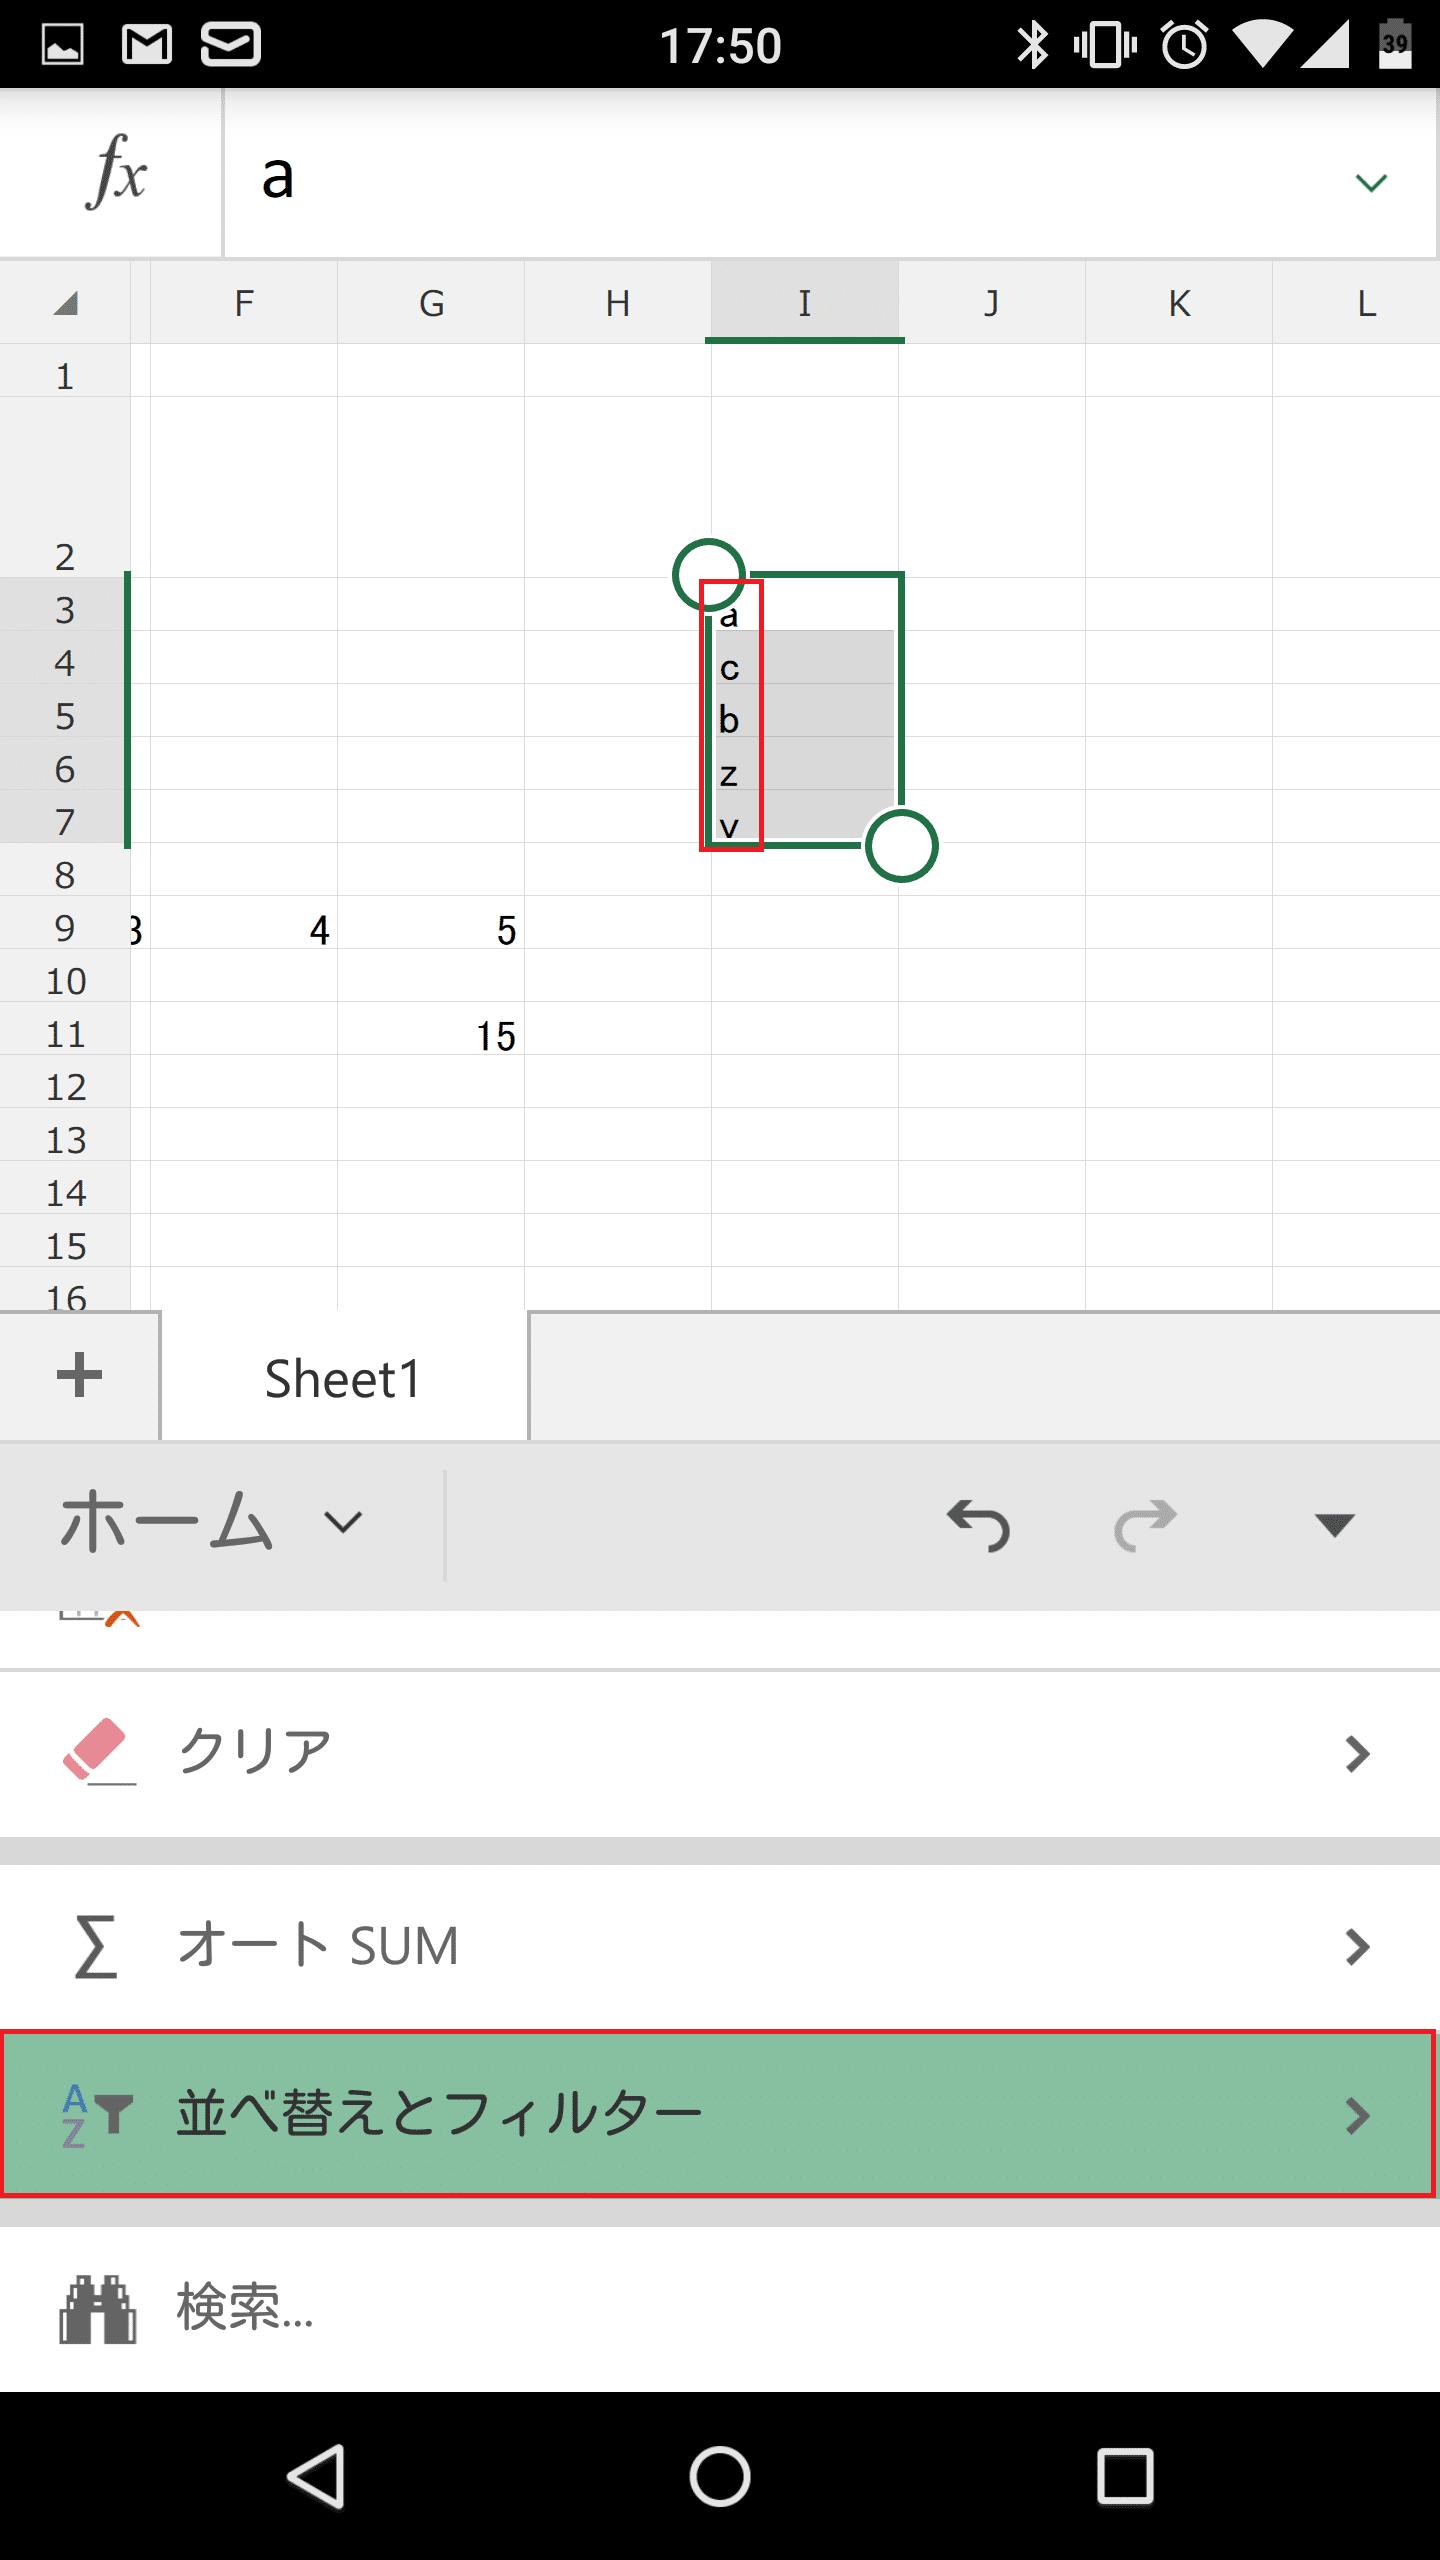 エクセル アプリ